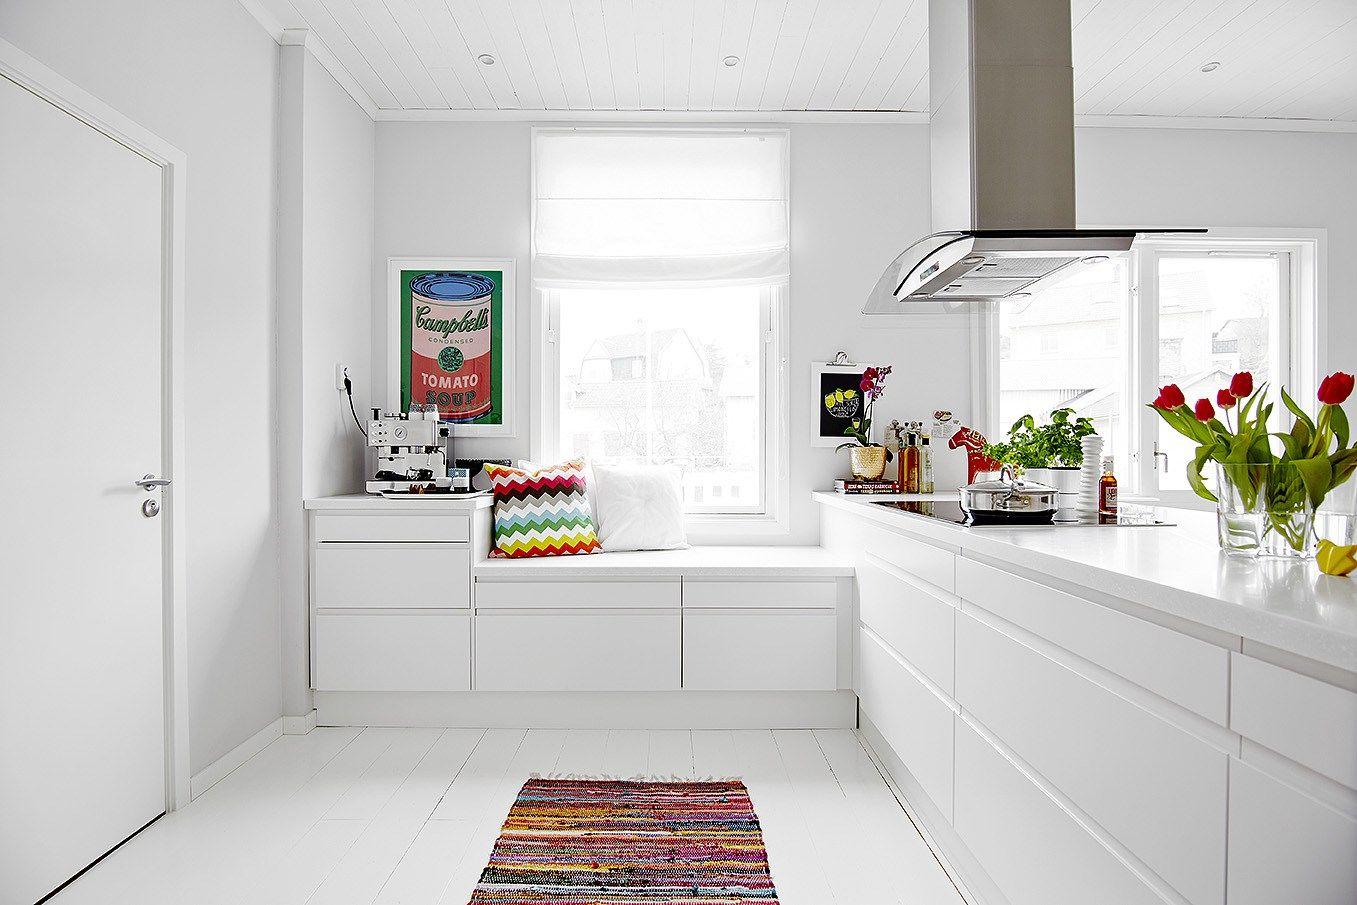 La cocina es lo importante cocina n rdica con pen nsula Disenos de cocinas integrales blancas